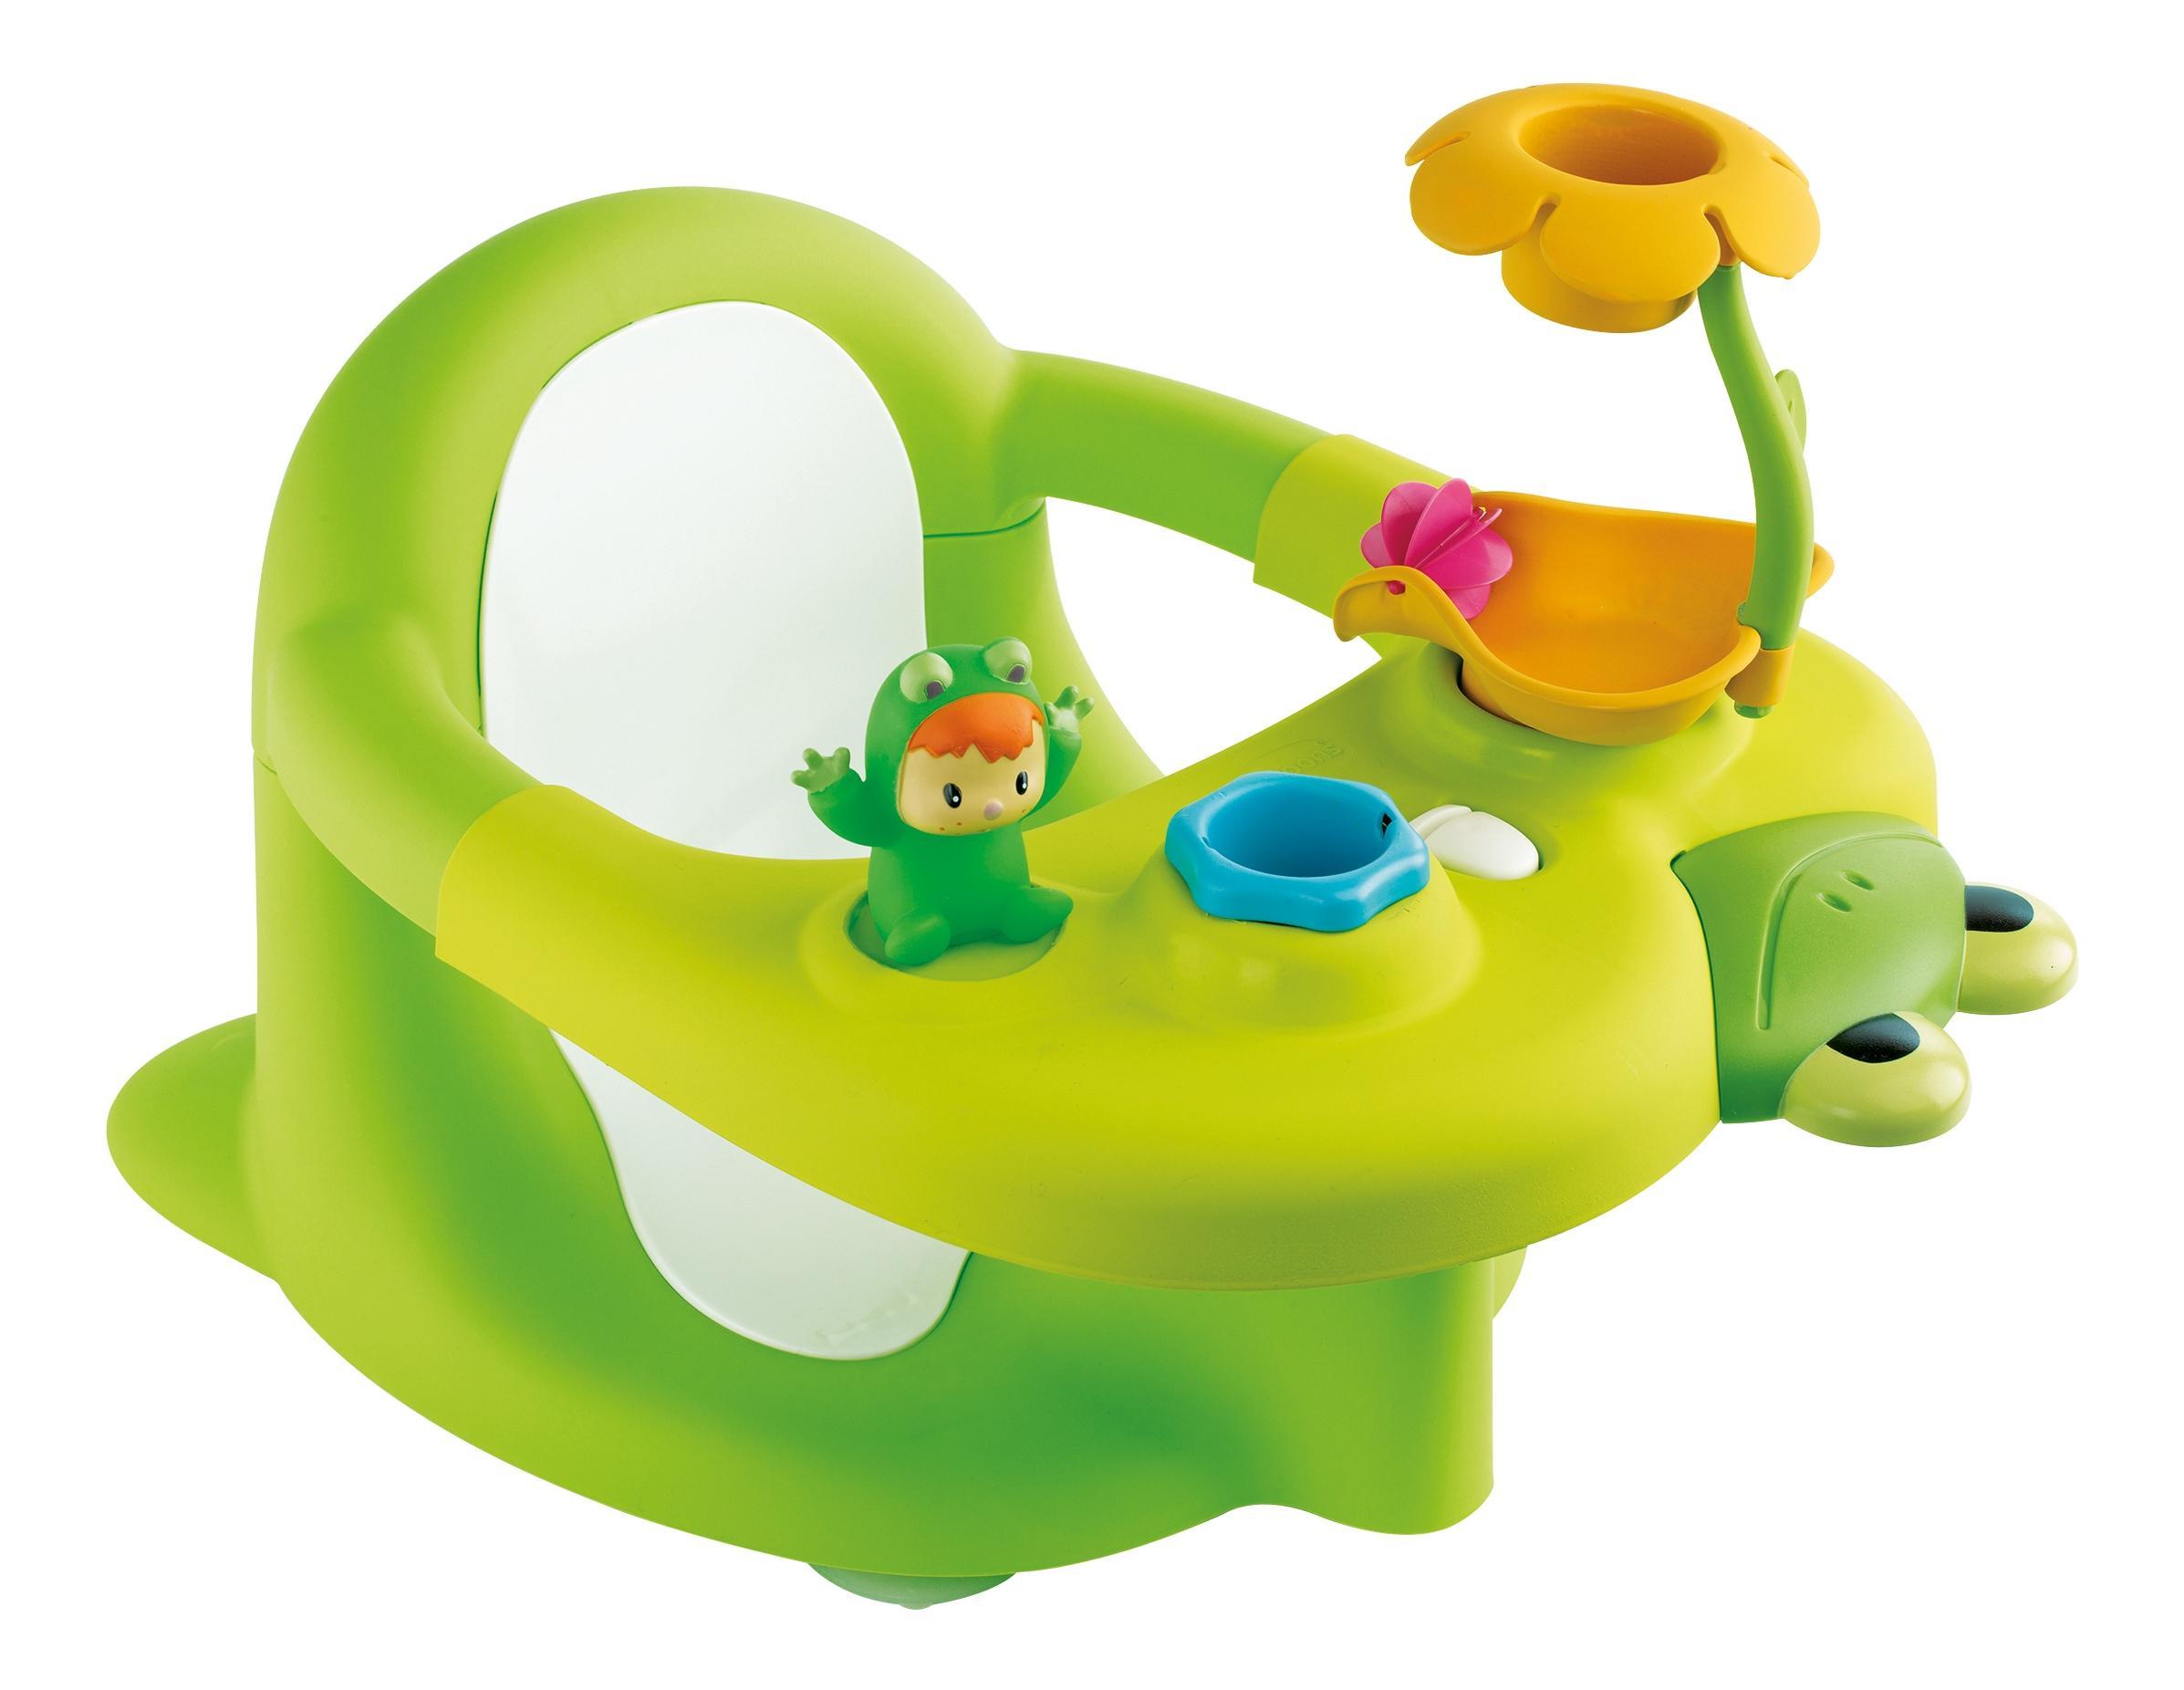 Купить Зеленый, Стульчик для купания, зеленый, 1/4, Smoby, Стульчики для купания малыша